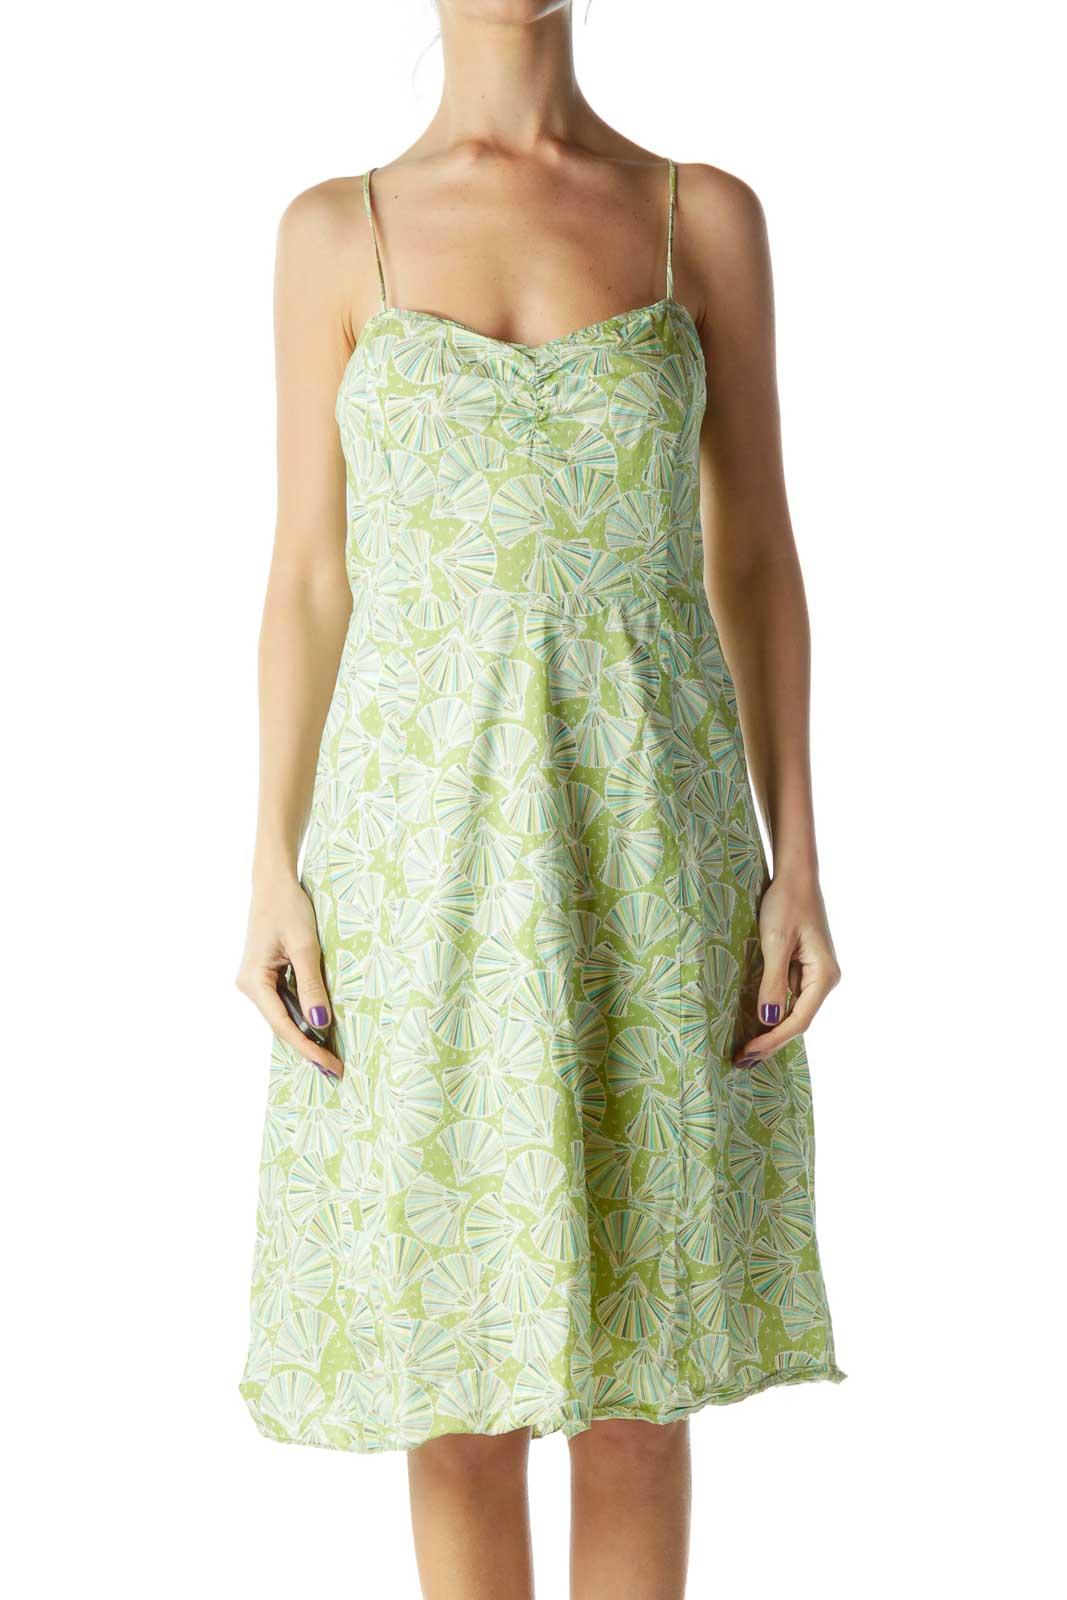 Green Fan Print Spaghetti Strap A-Line Dress